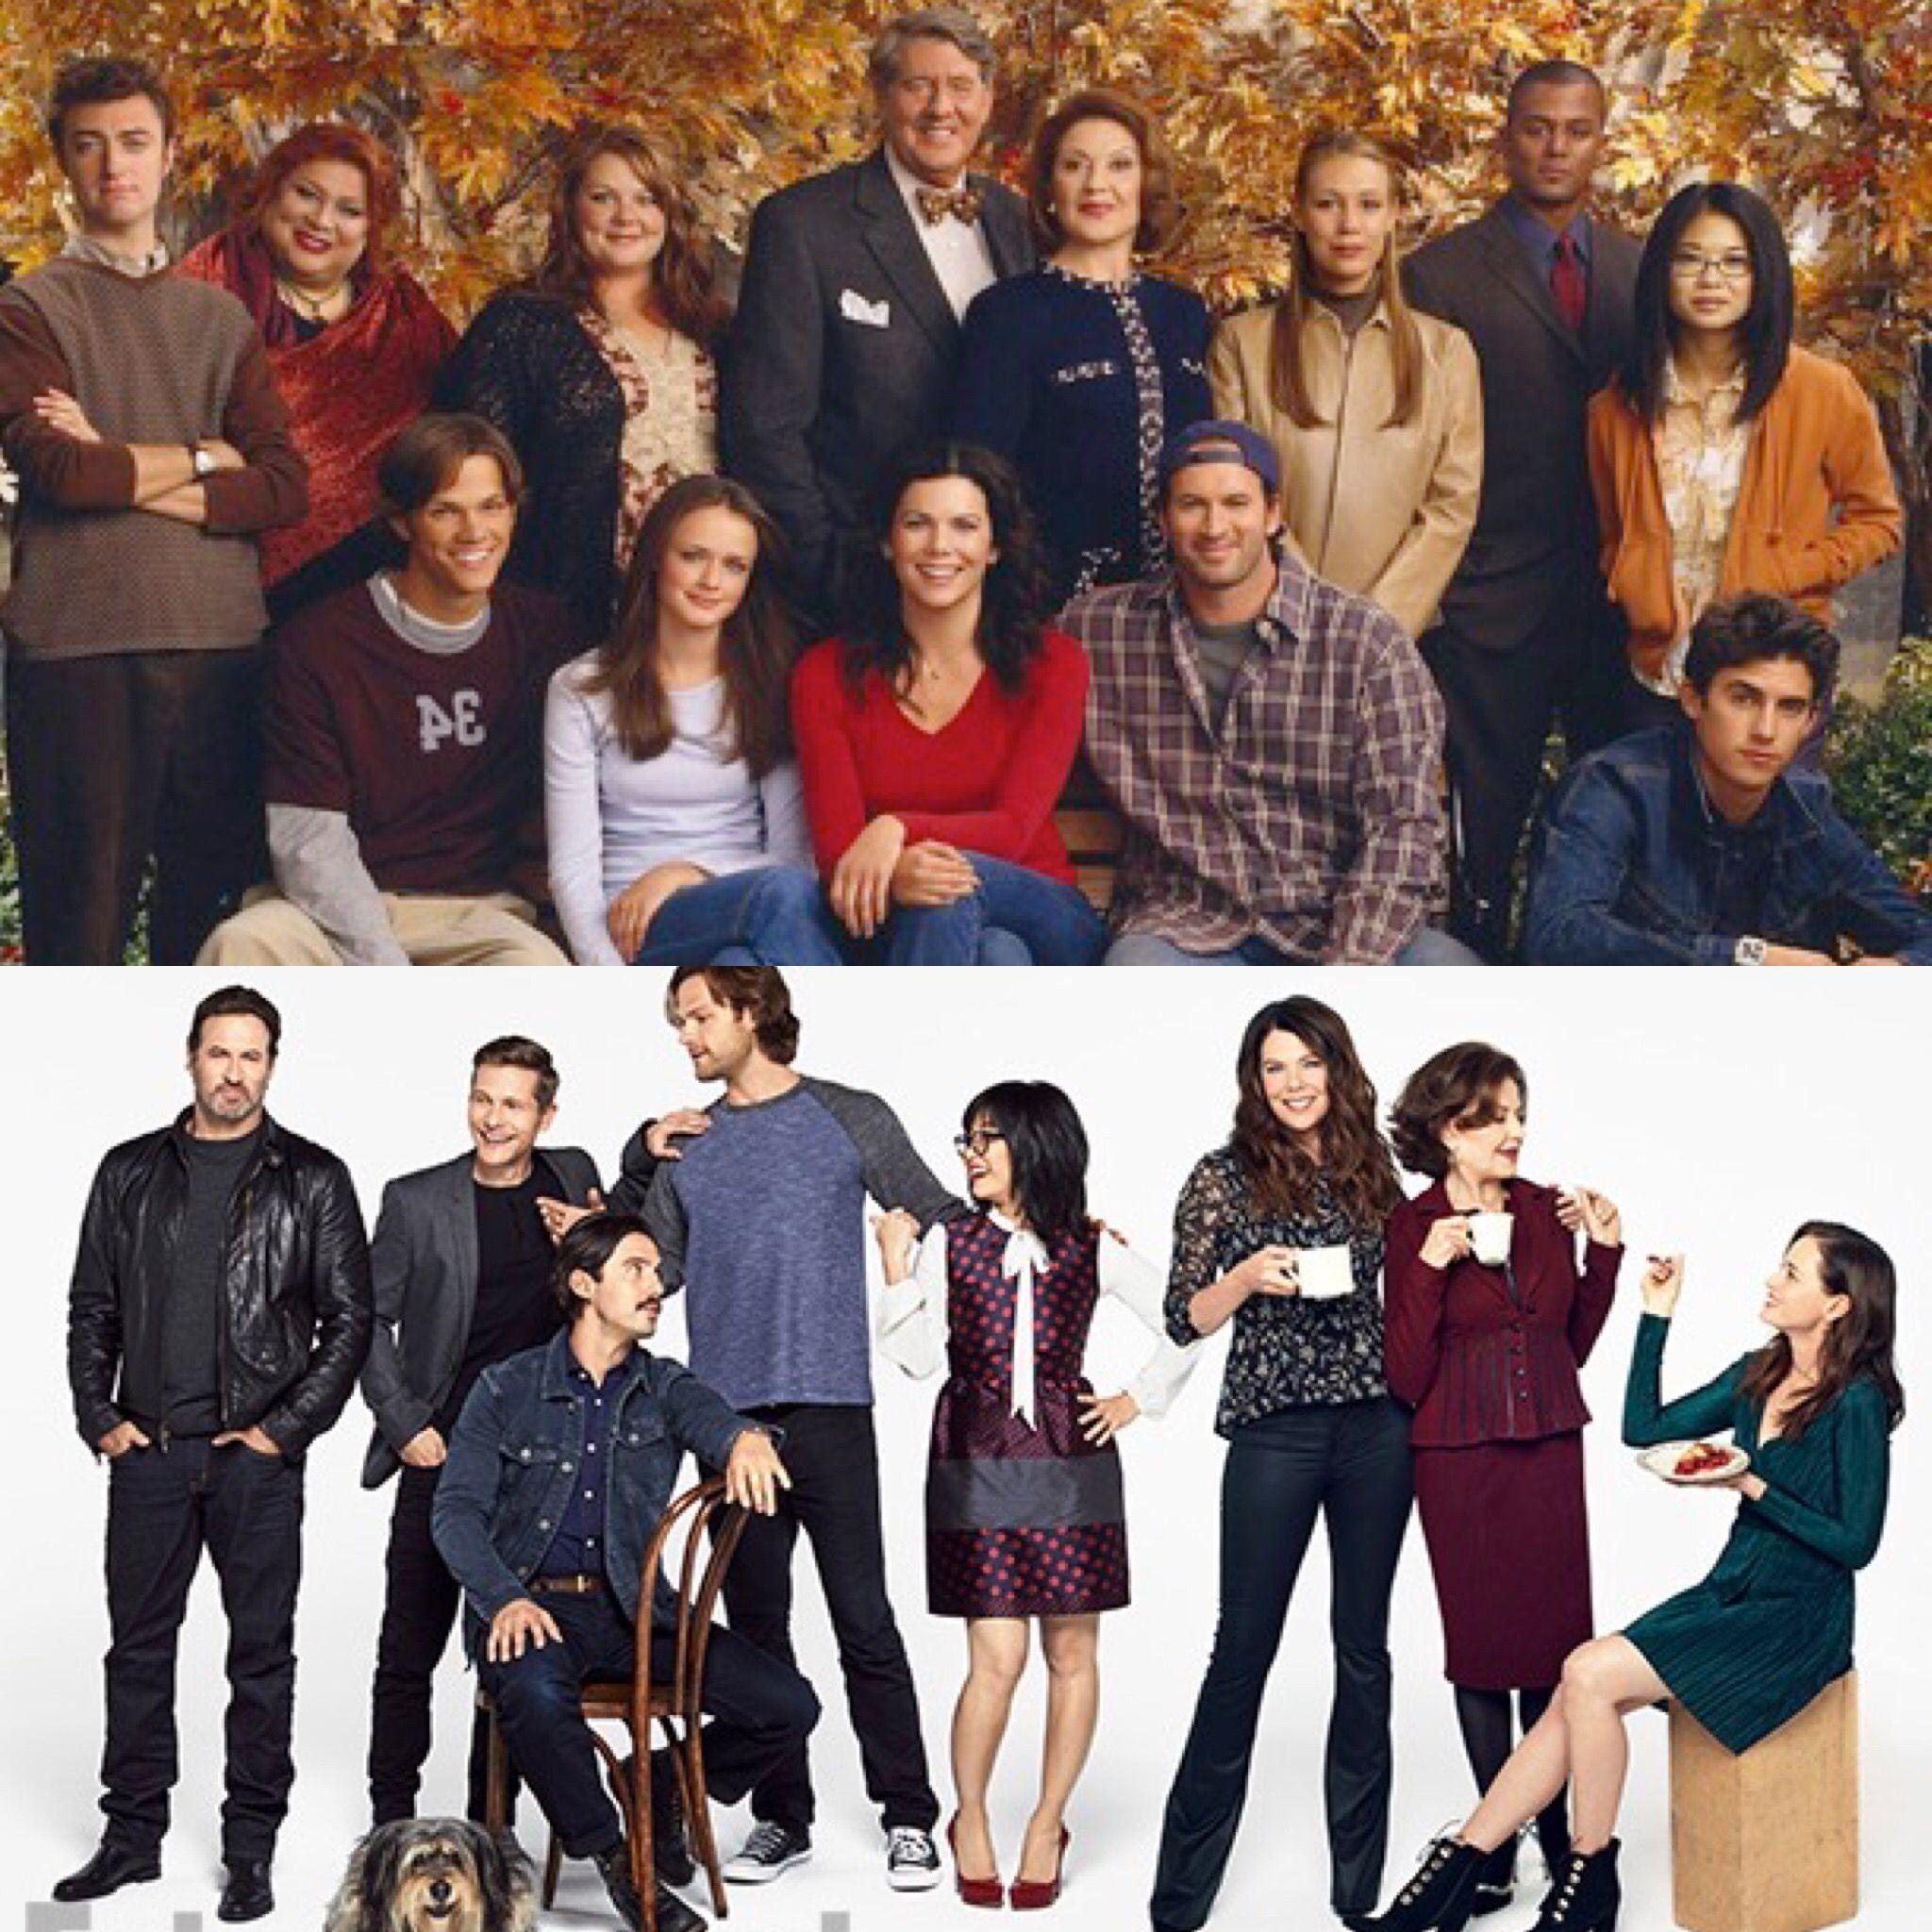 Gilmore Girls Cast Then Now Gilmore Girls Cast Girlmore Girls Glimore Girls